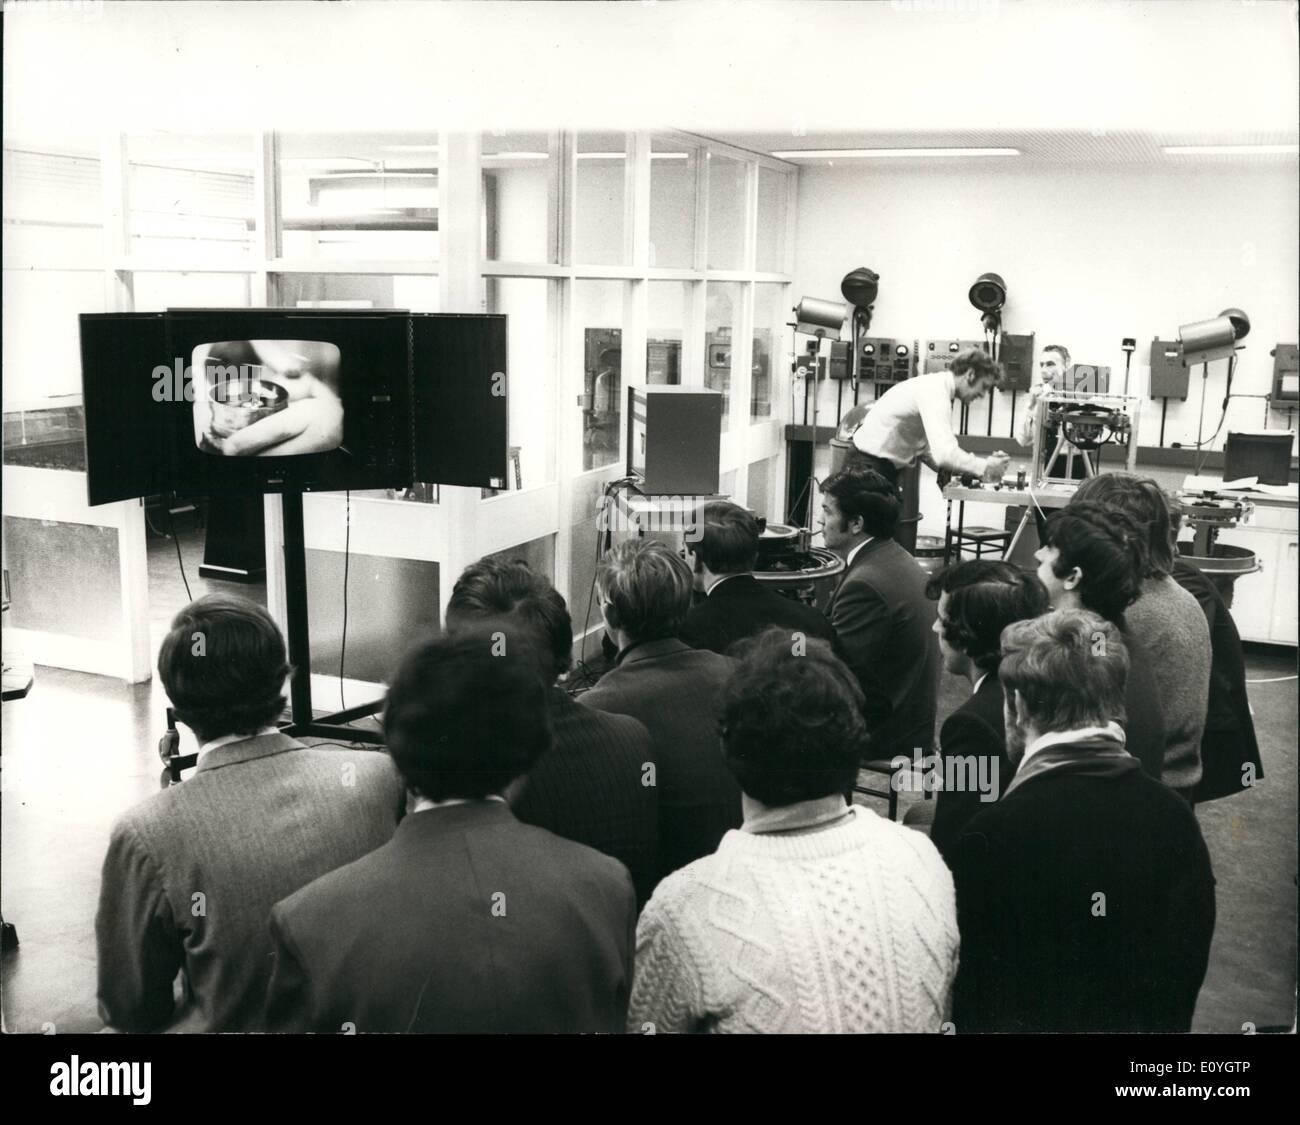 Mayo 05, 1970 - Nueva escuela de navegación en Tower Hill: De notable interés entre los edificios de la nueva Politécnica Foto de stock